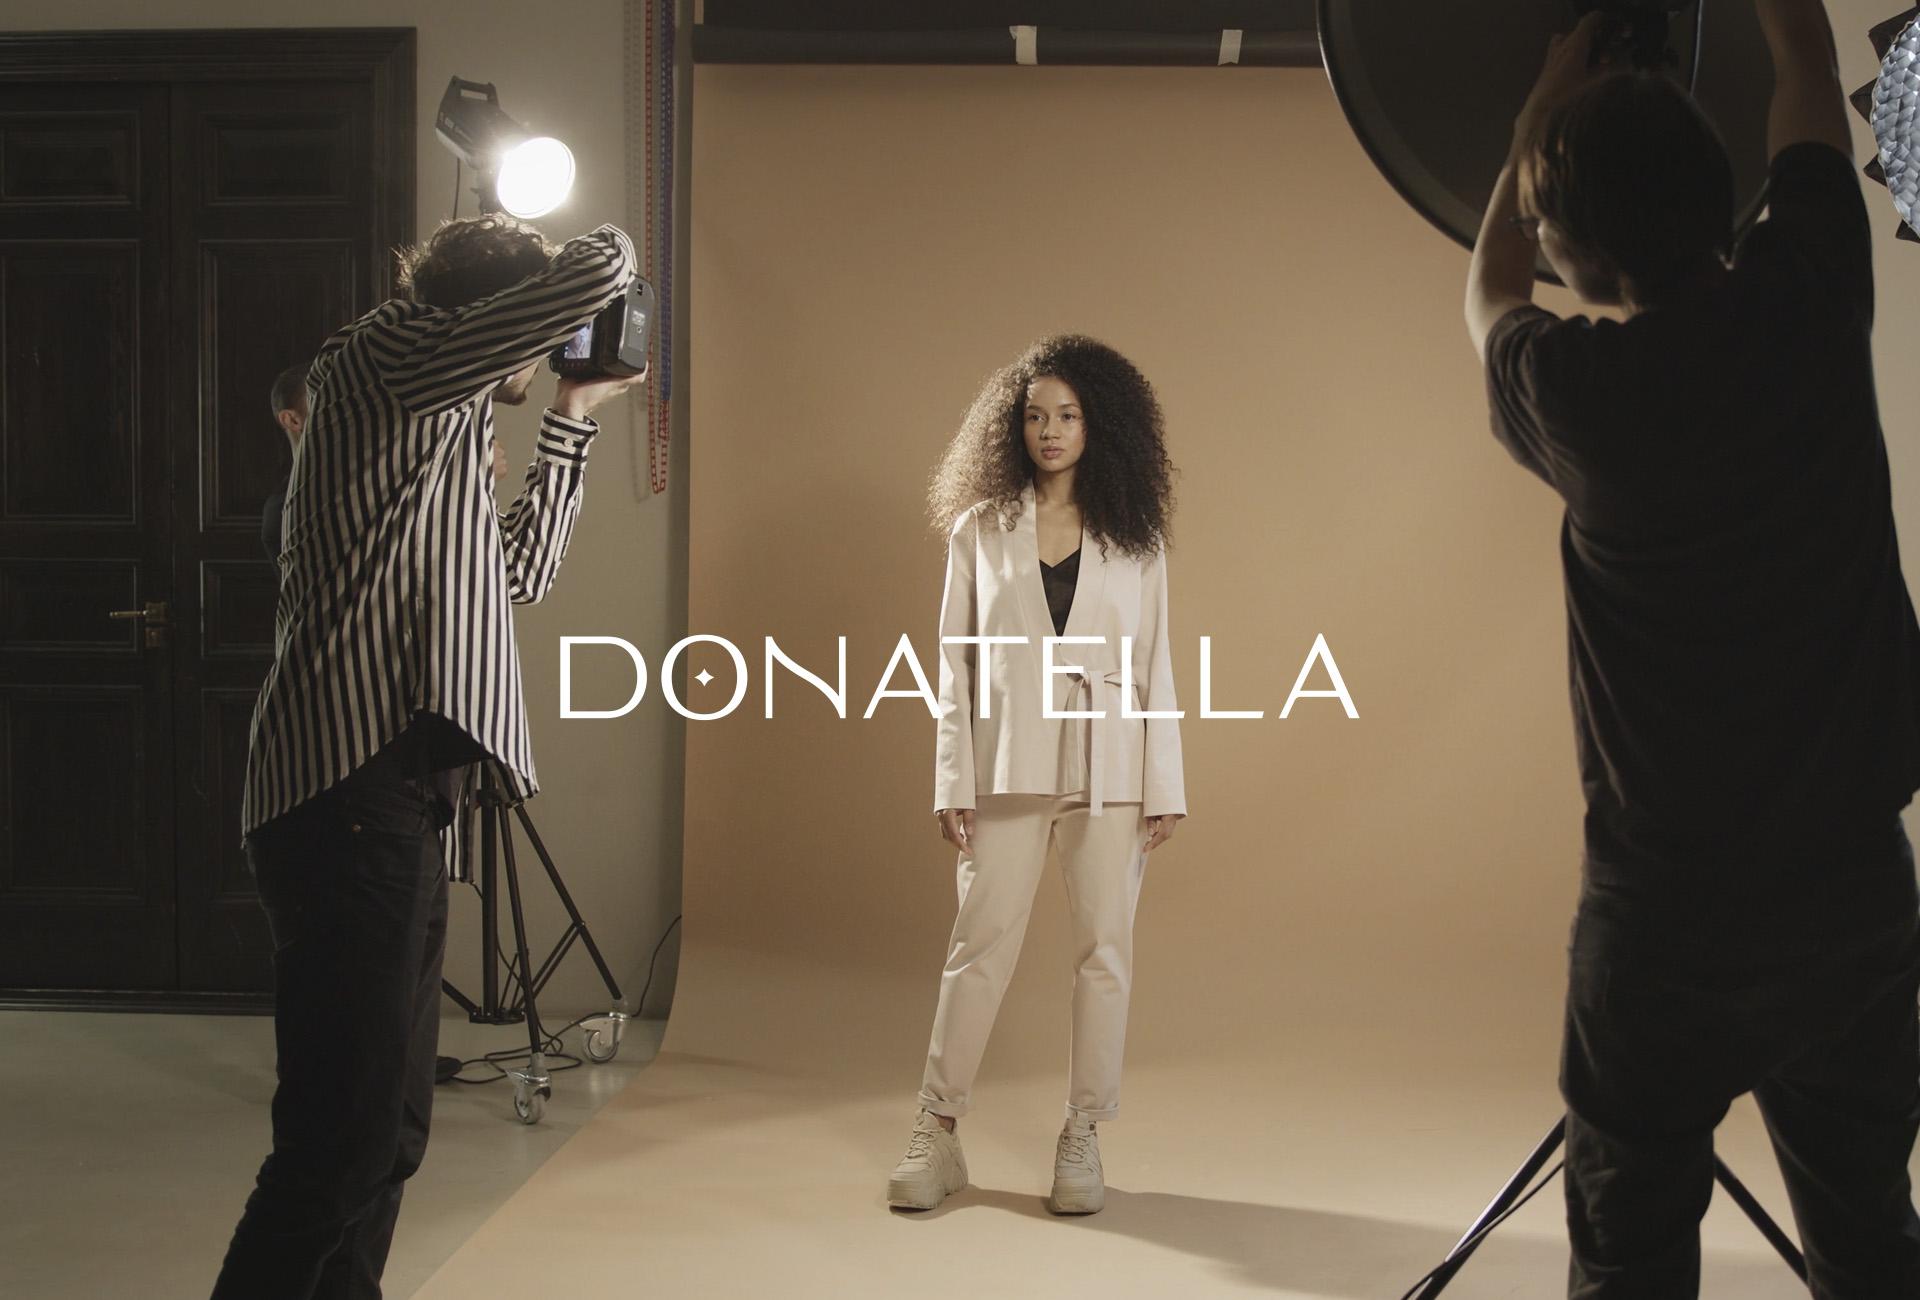 A Modern Visual Fashion Brand Identity for Donatella by Yago Ferreira